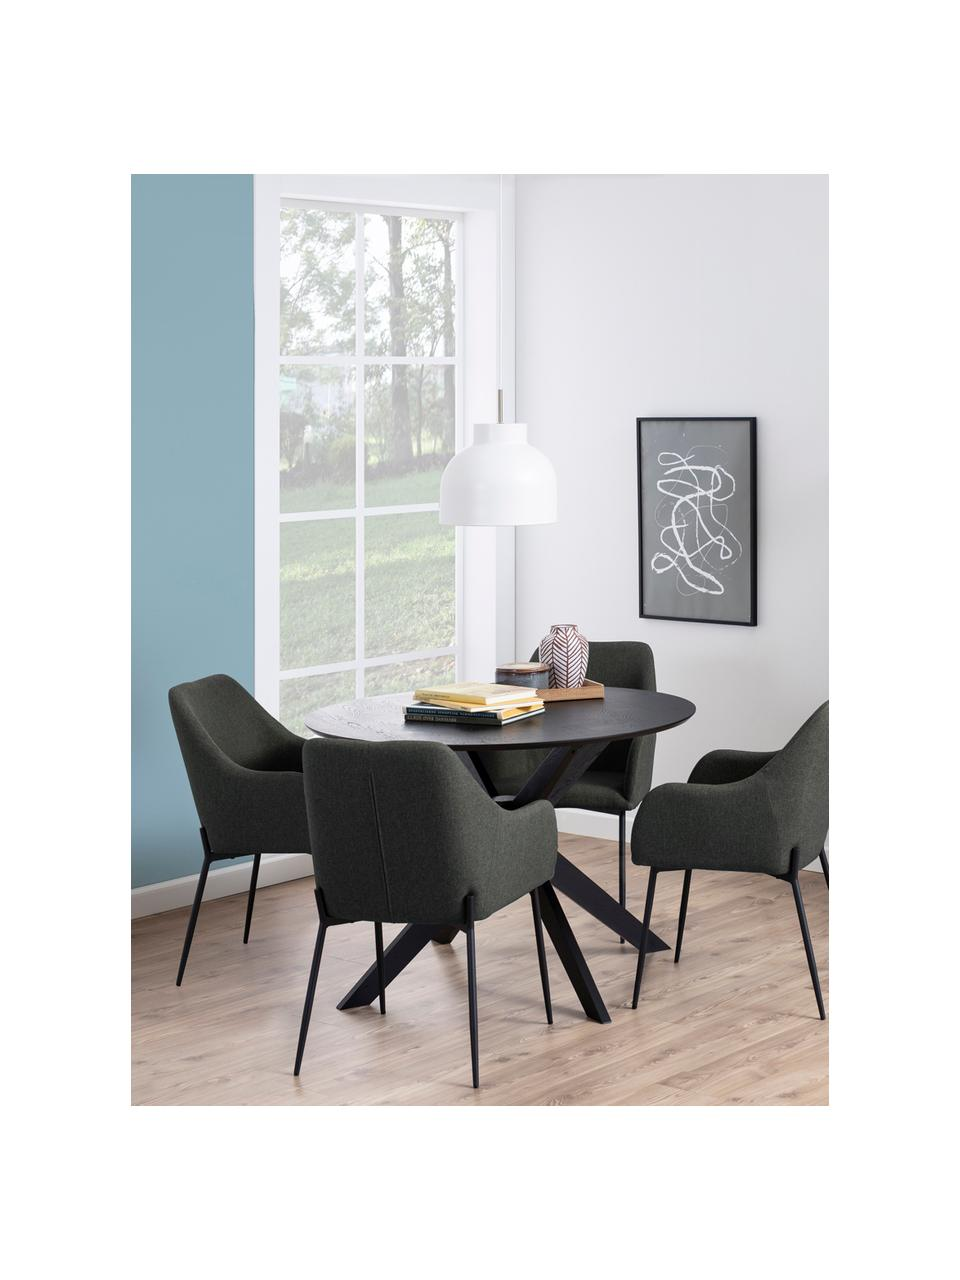 Ronde eettafel Duncan, Ø 105 cm, Tafelblad: MDF met eikenhoutfineer, Poten: massief gelakt berkenhout, Zwart, Ø 105 x H 75 cm